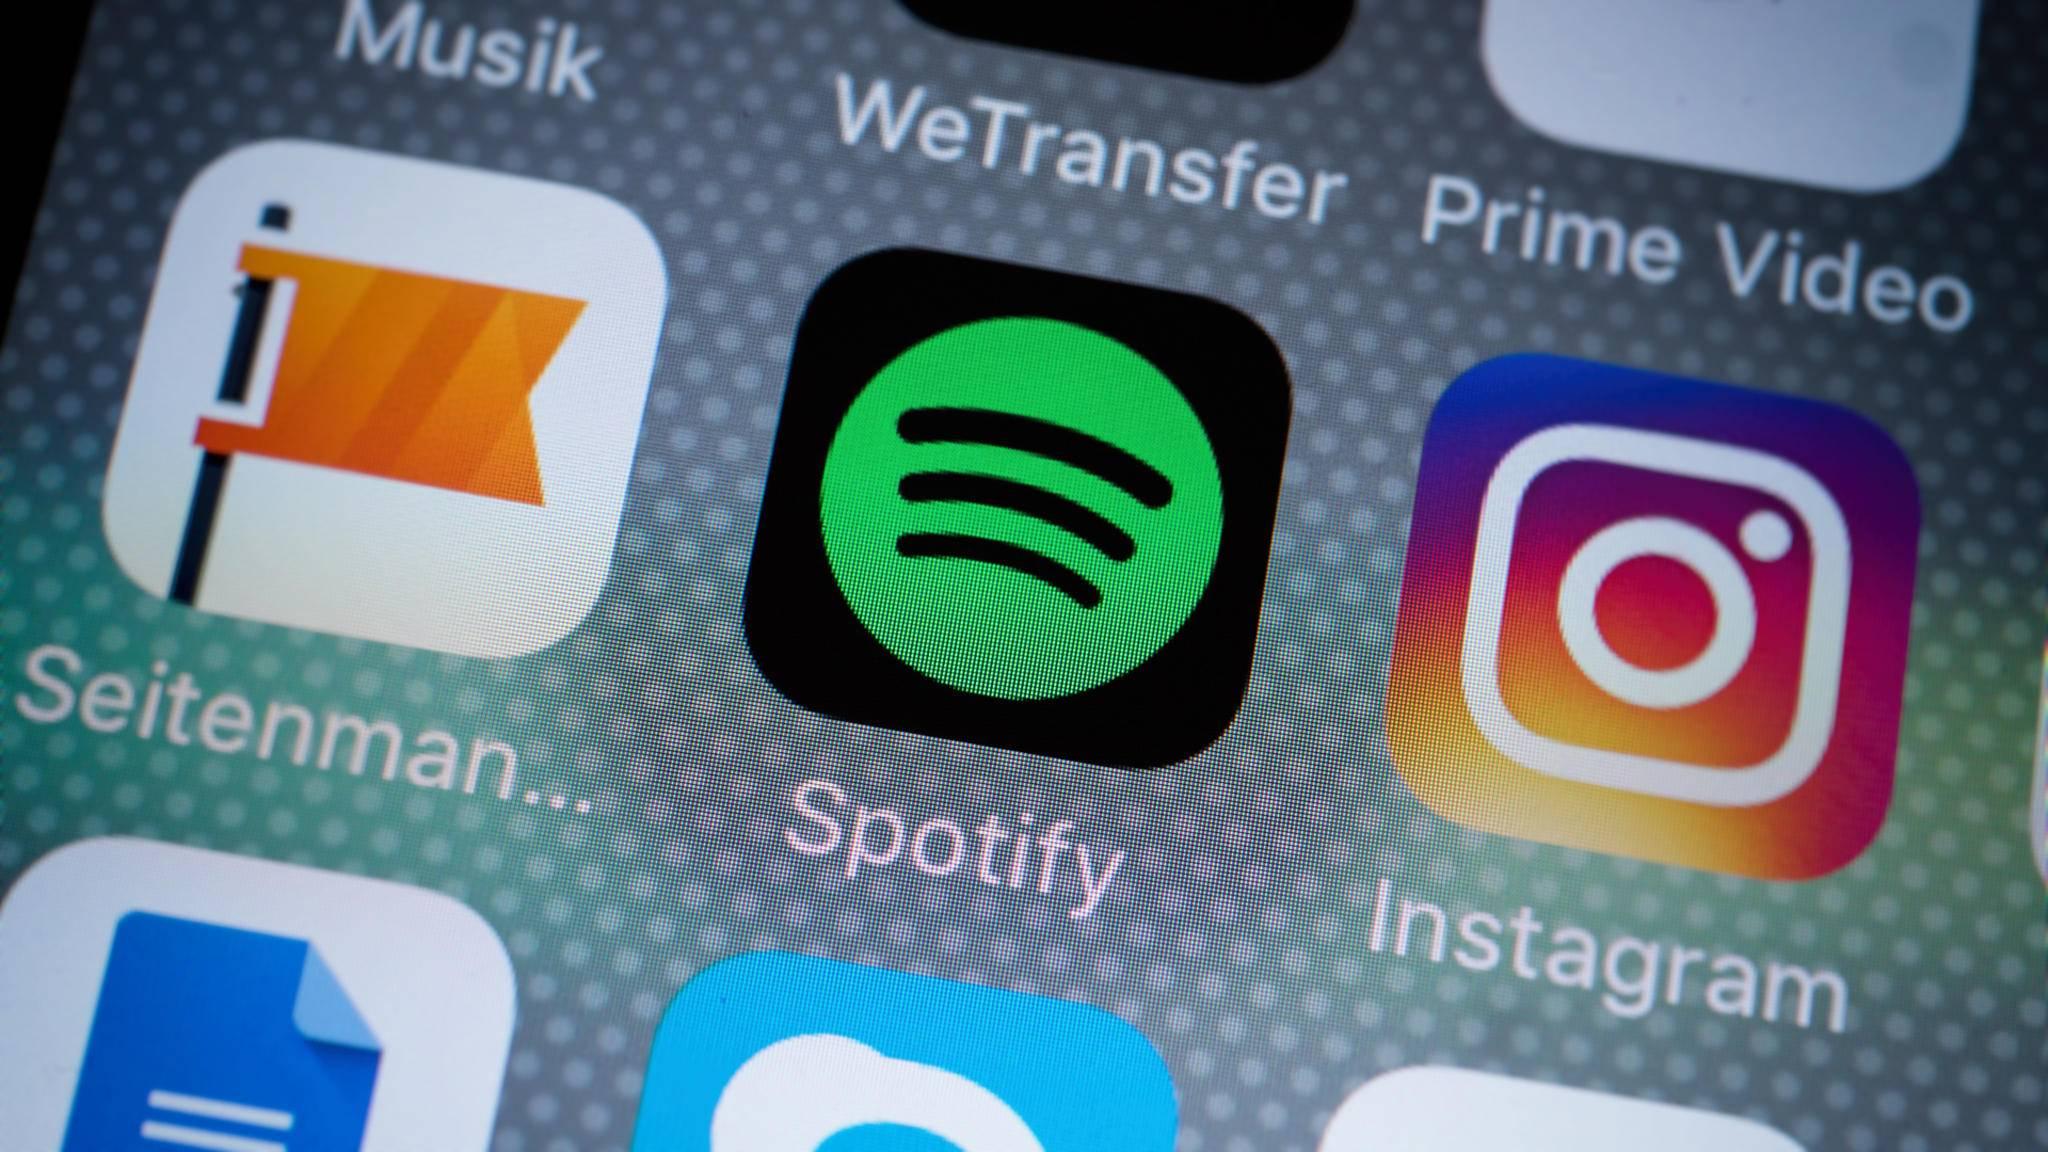 Musikstreaming hat einen mittleren Datenverbrauch.